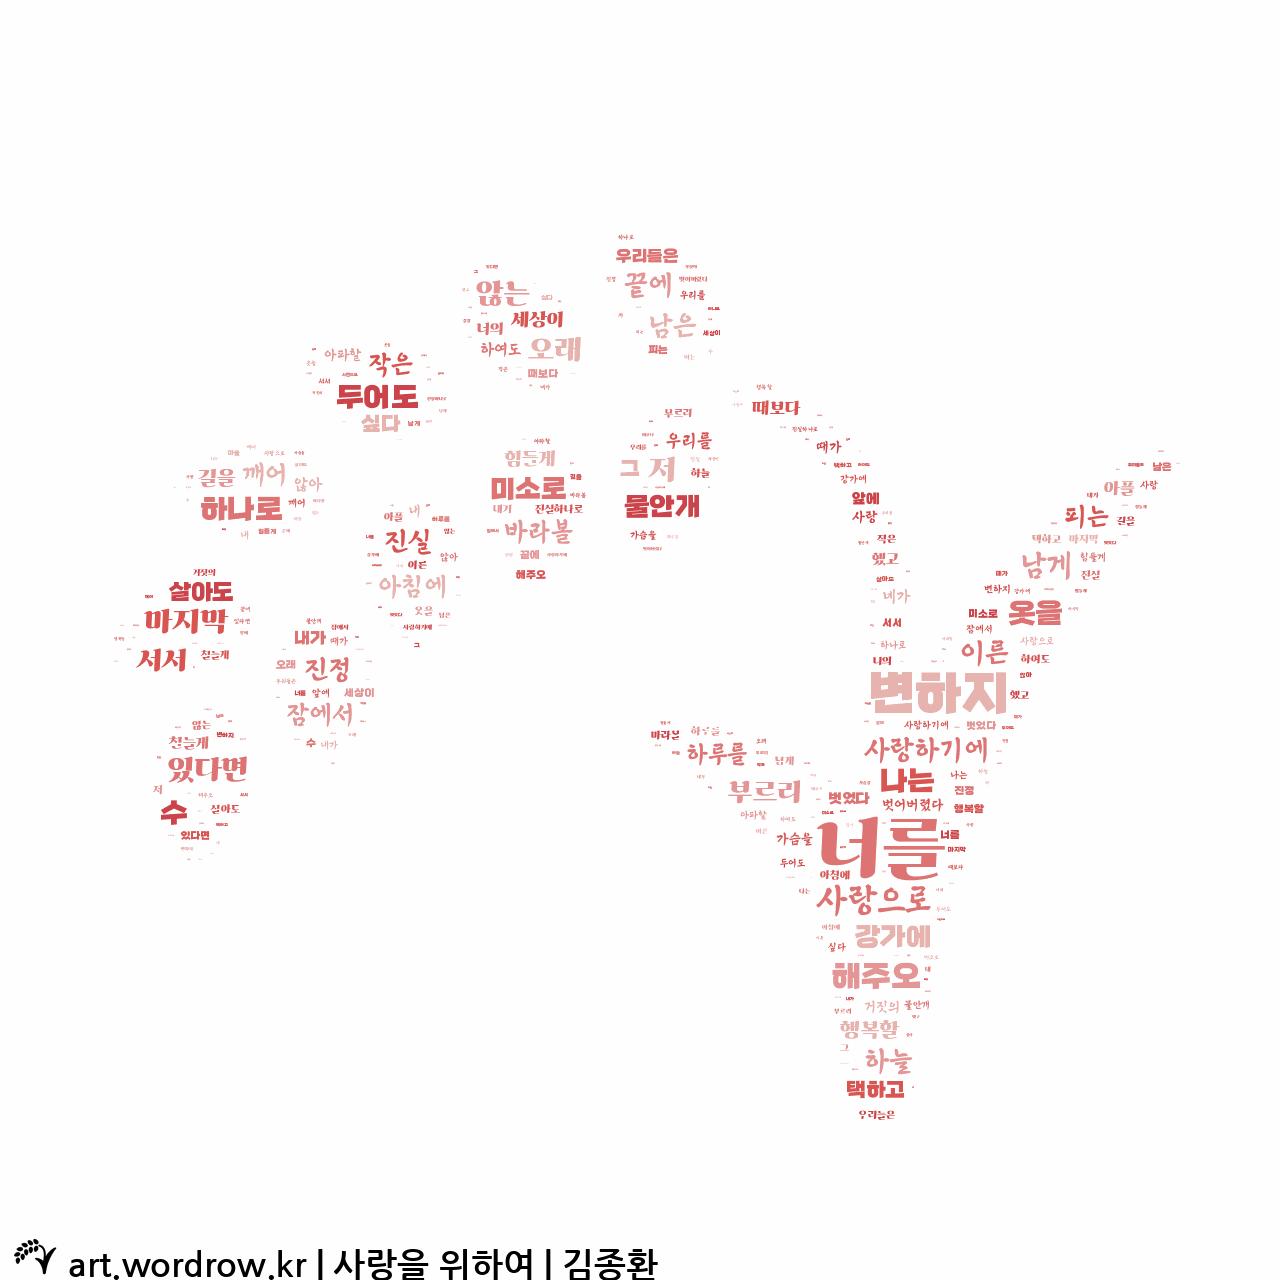 워드 아트: 사랑을 위하여 [김종환]-67